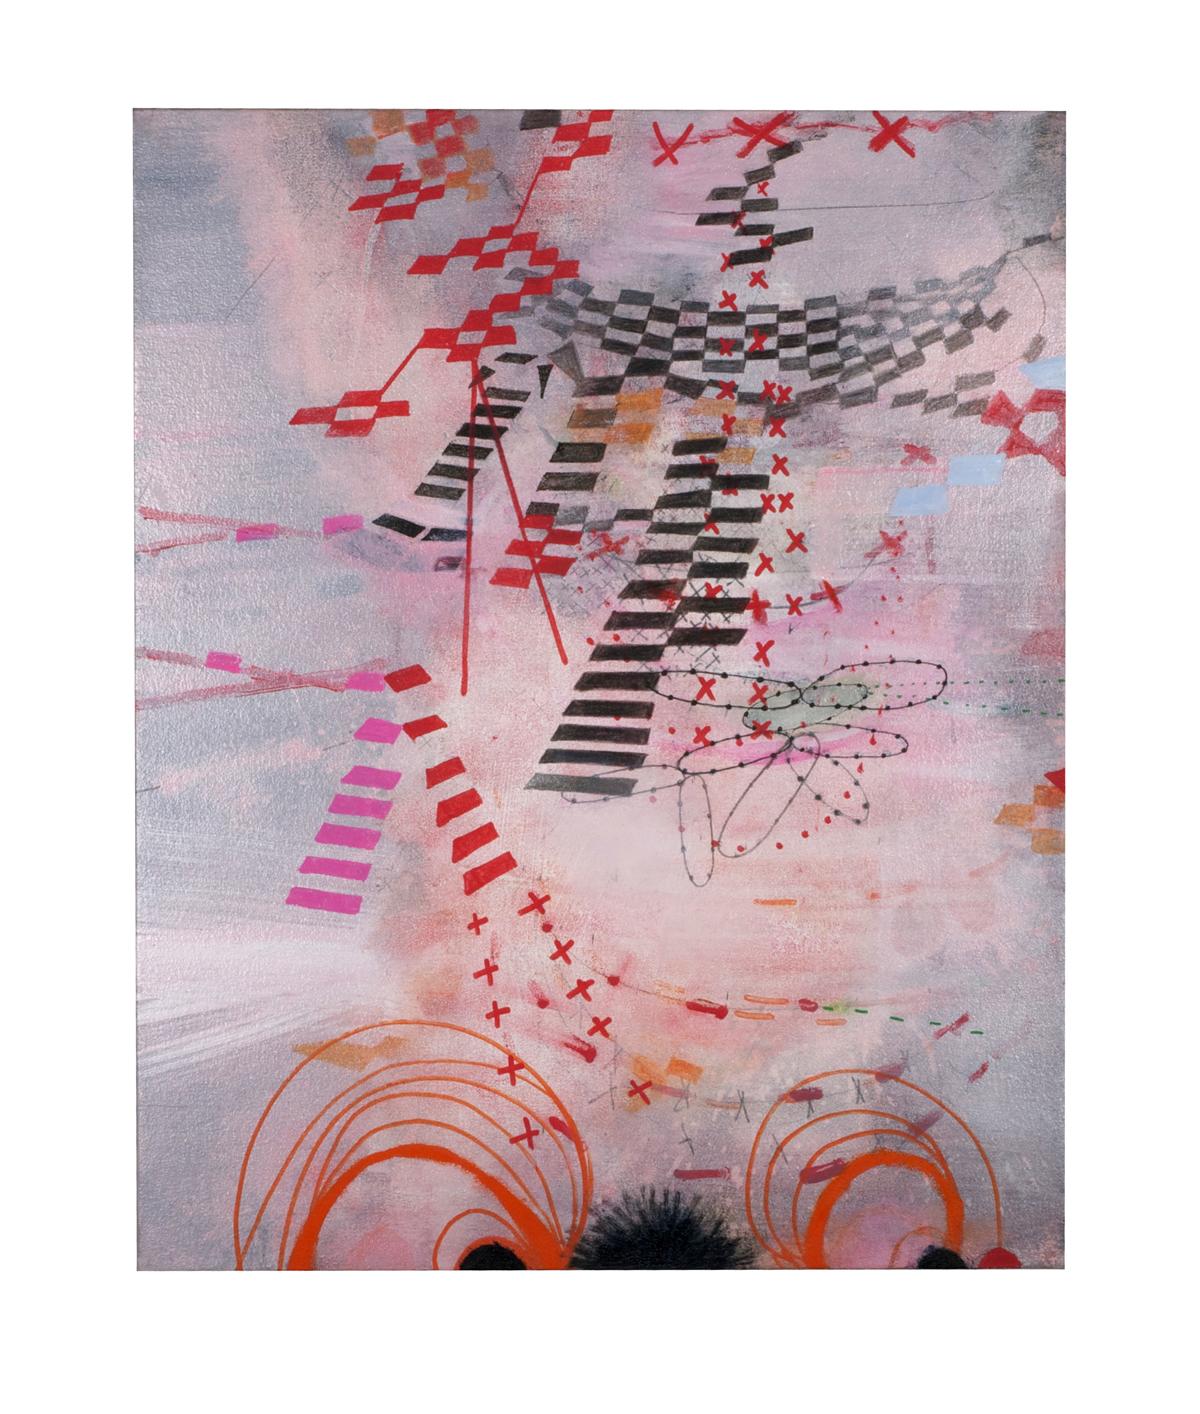 Virginia Verran, Pink/Orange (Alayrac signal) 2016.   virginiaverran.com